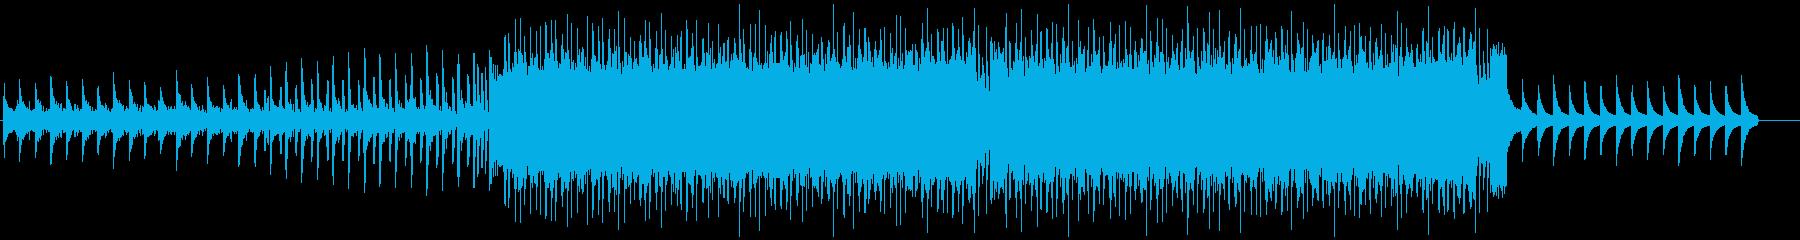 ドラムンベース風のBGMの再生済みの波形